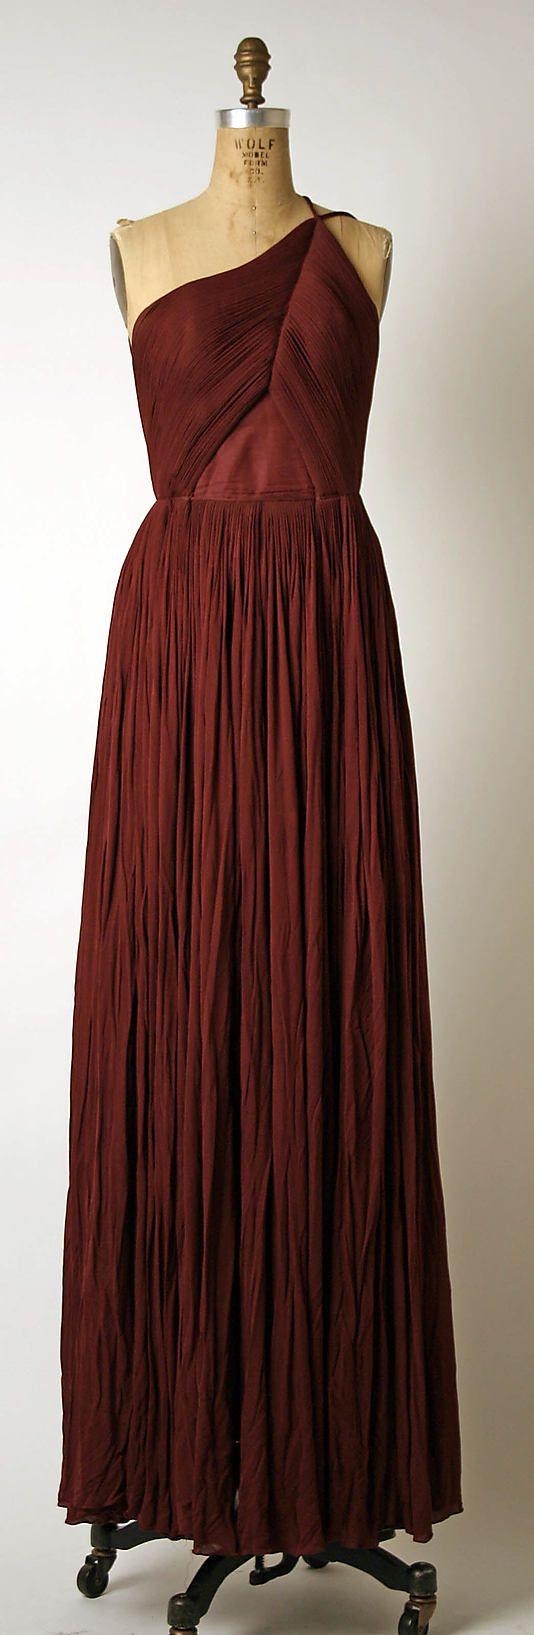 { evening dress }